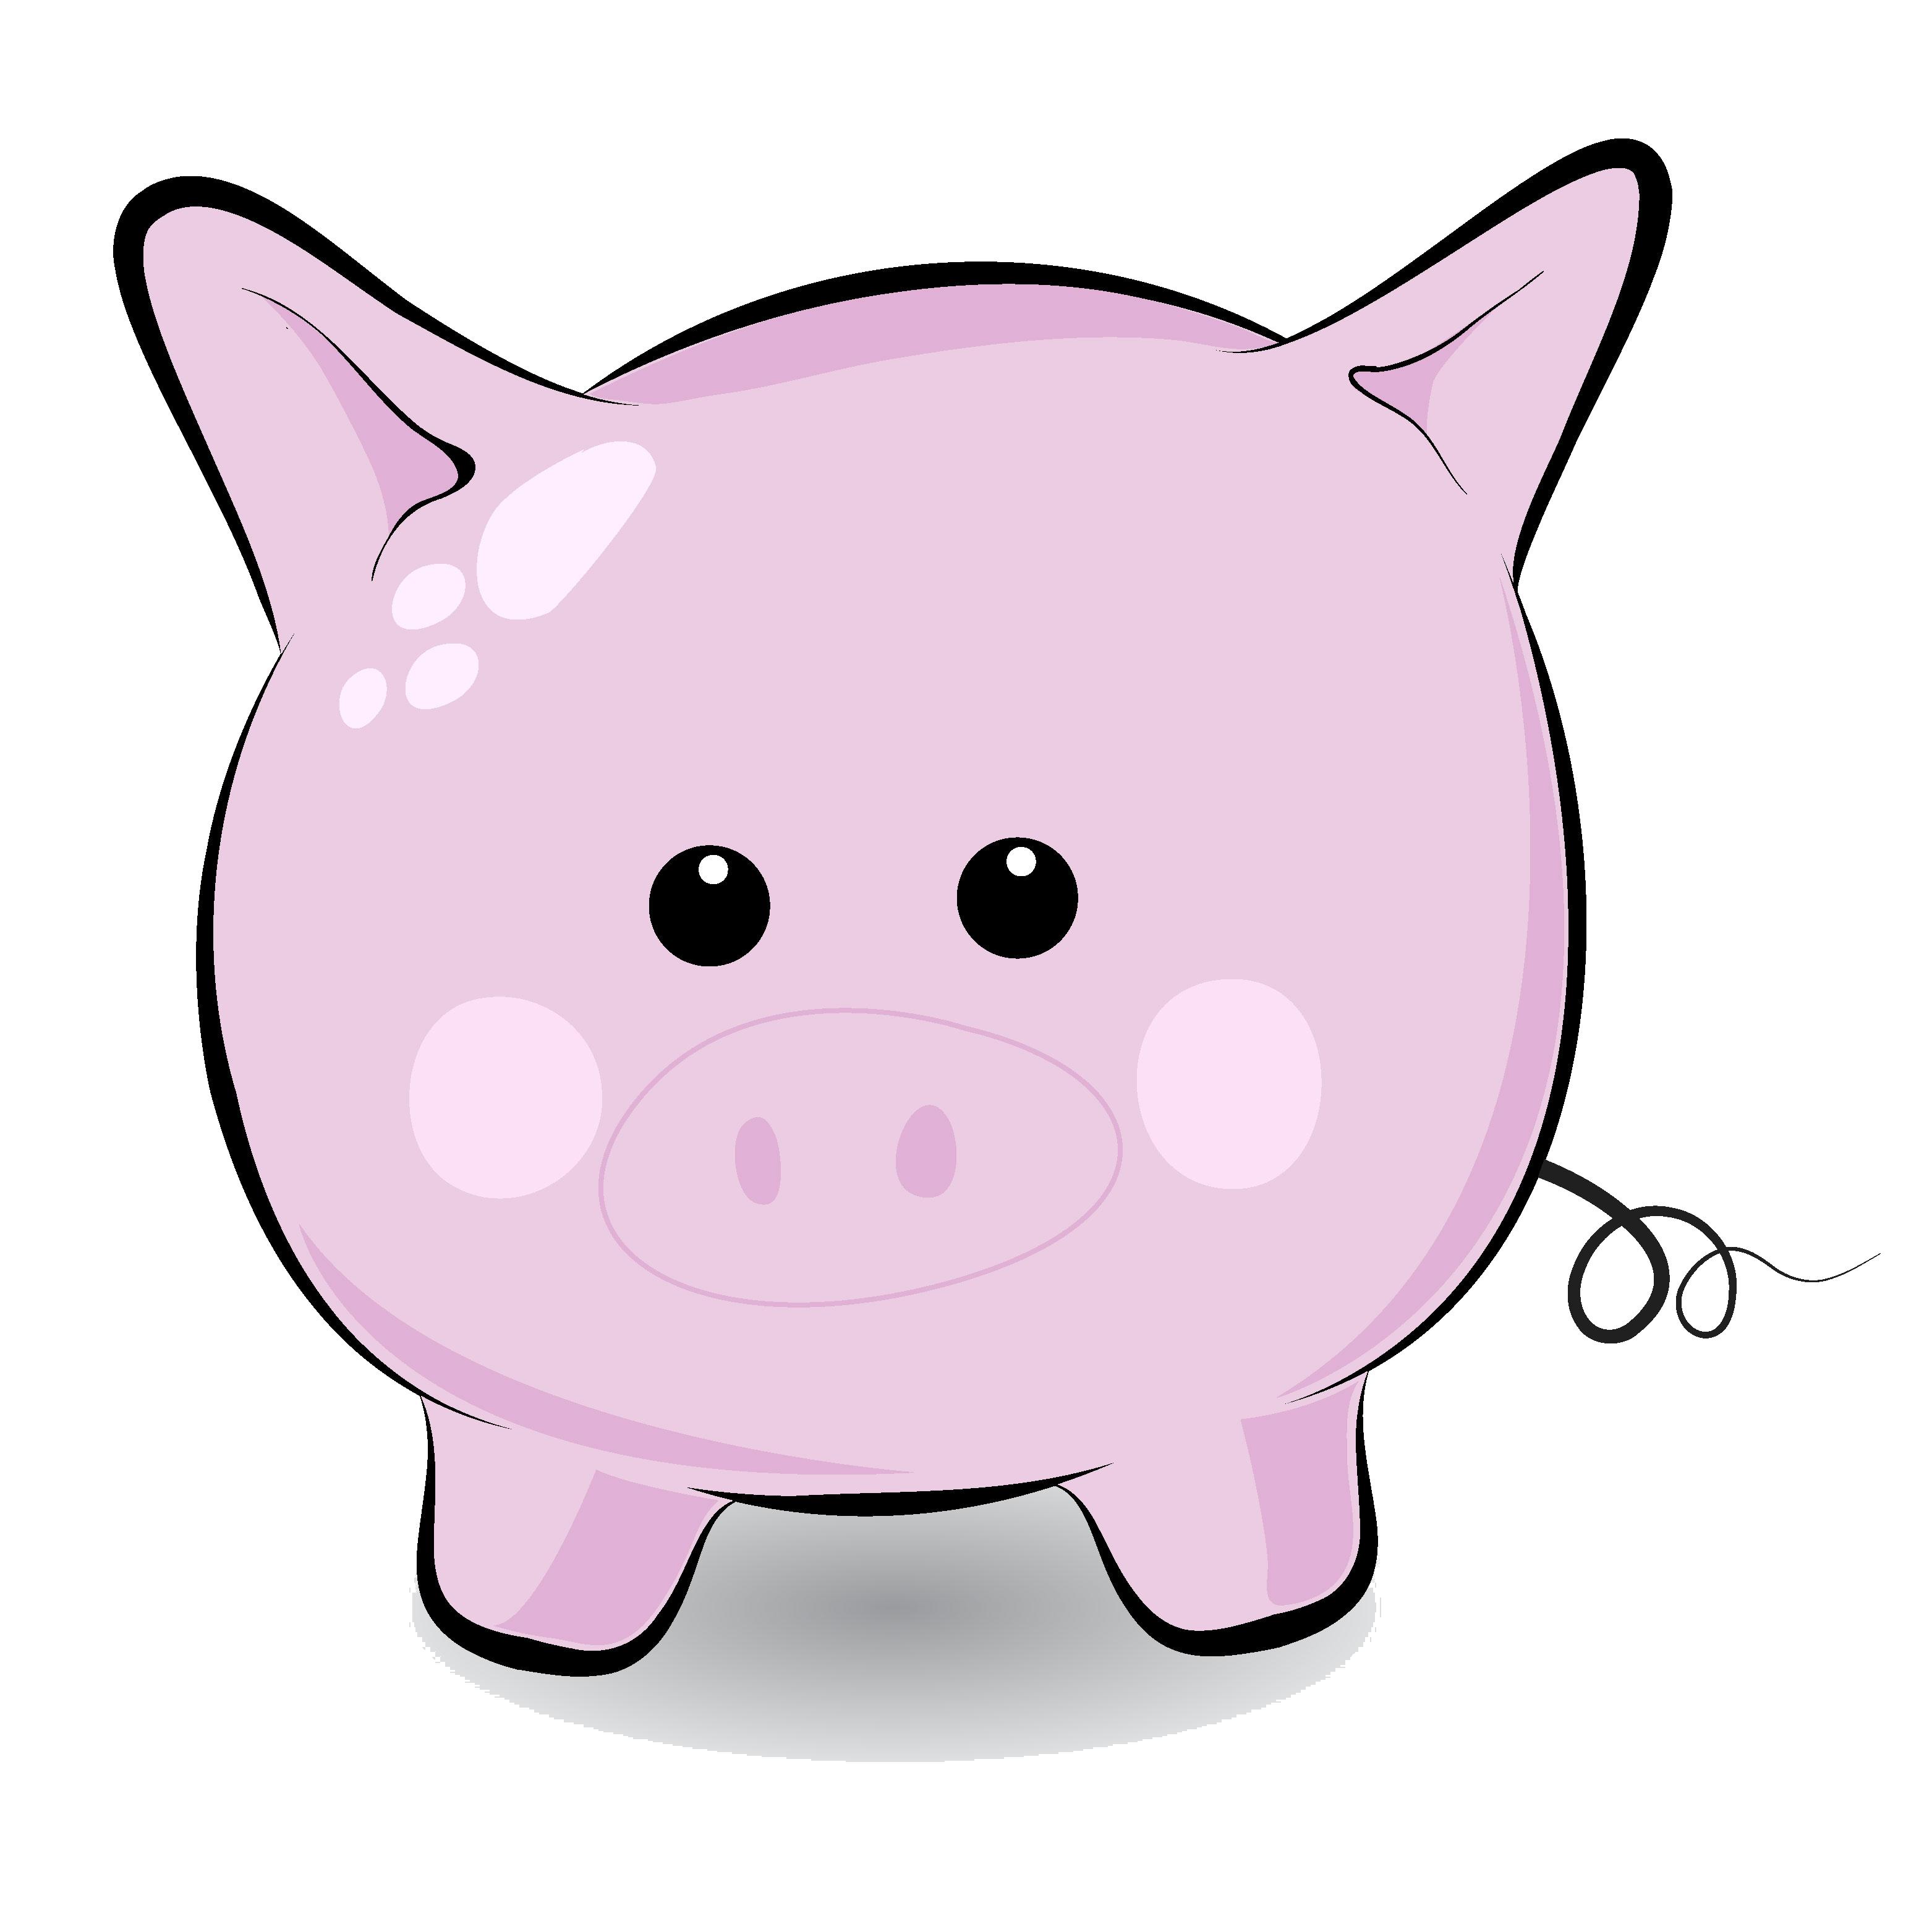 Pig clipart cute pig Free Clip Black Art Download